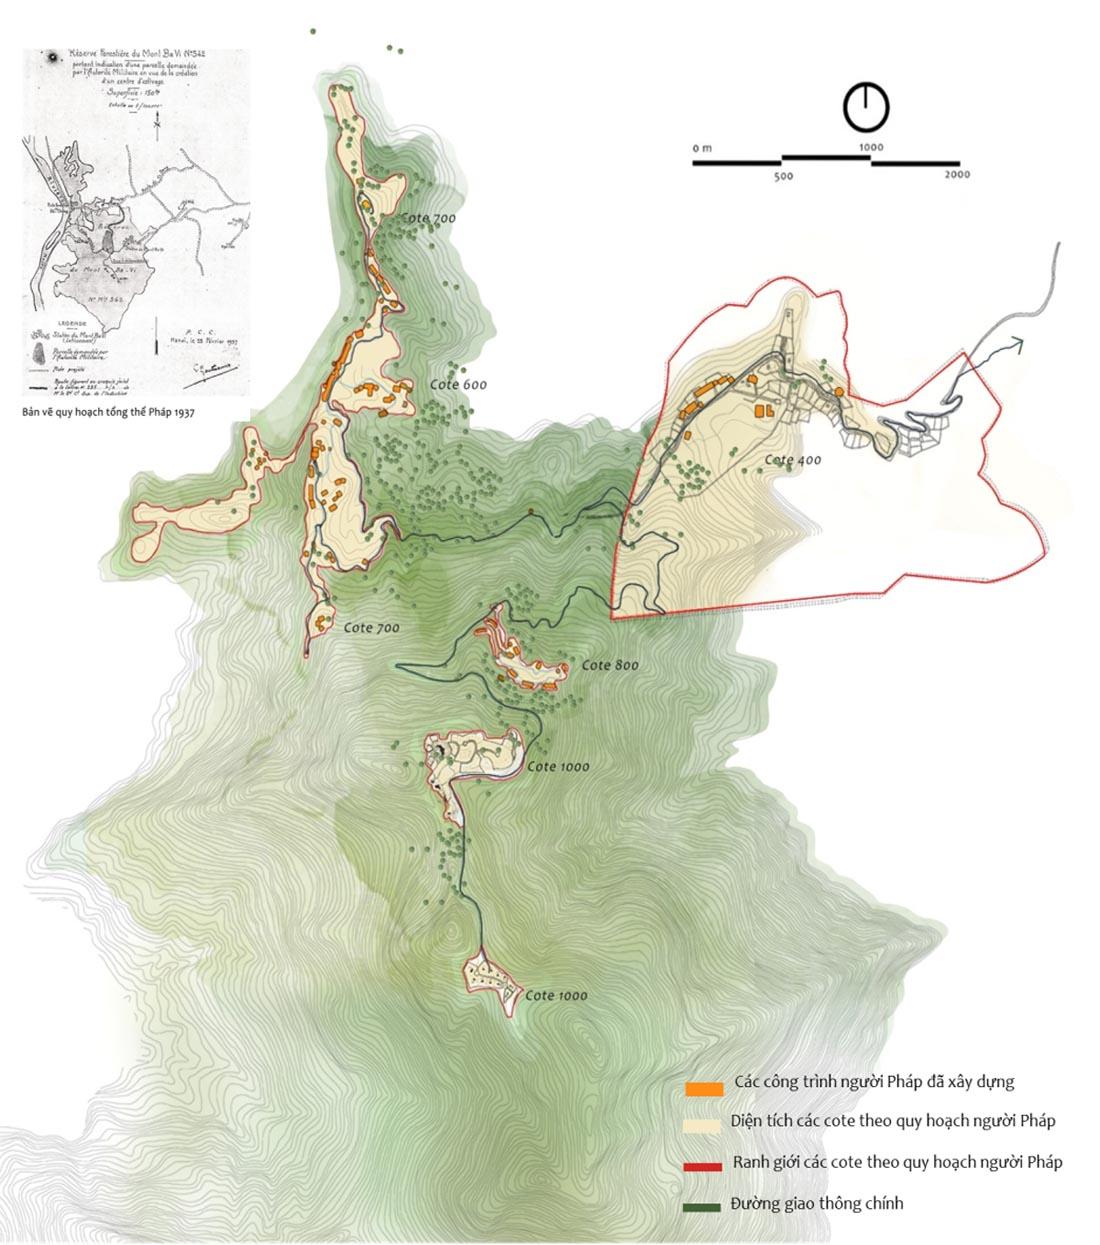 Hình 1: Bản đồ quy hoạch thời Pháp tại Ba Vì (1914 – 1951), vẽ lại dựa theo tư liệu thời Pháp [2]